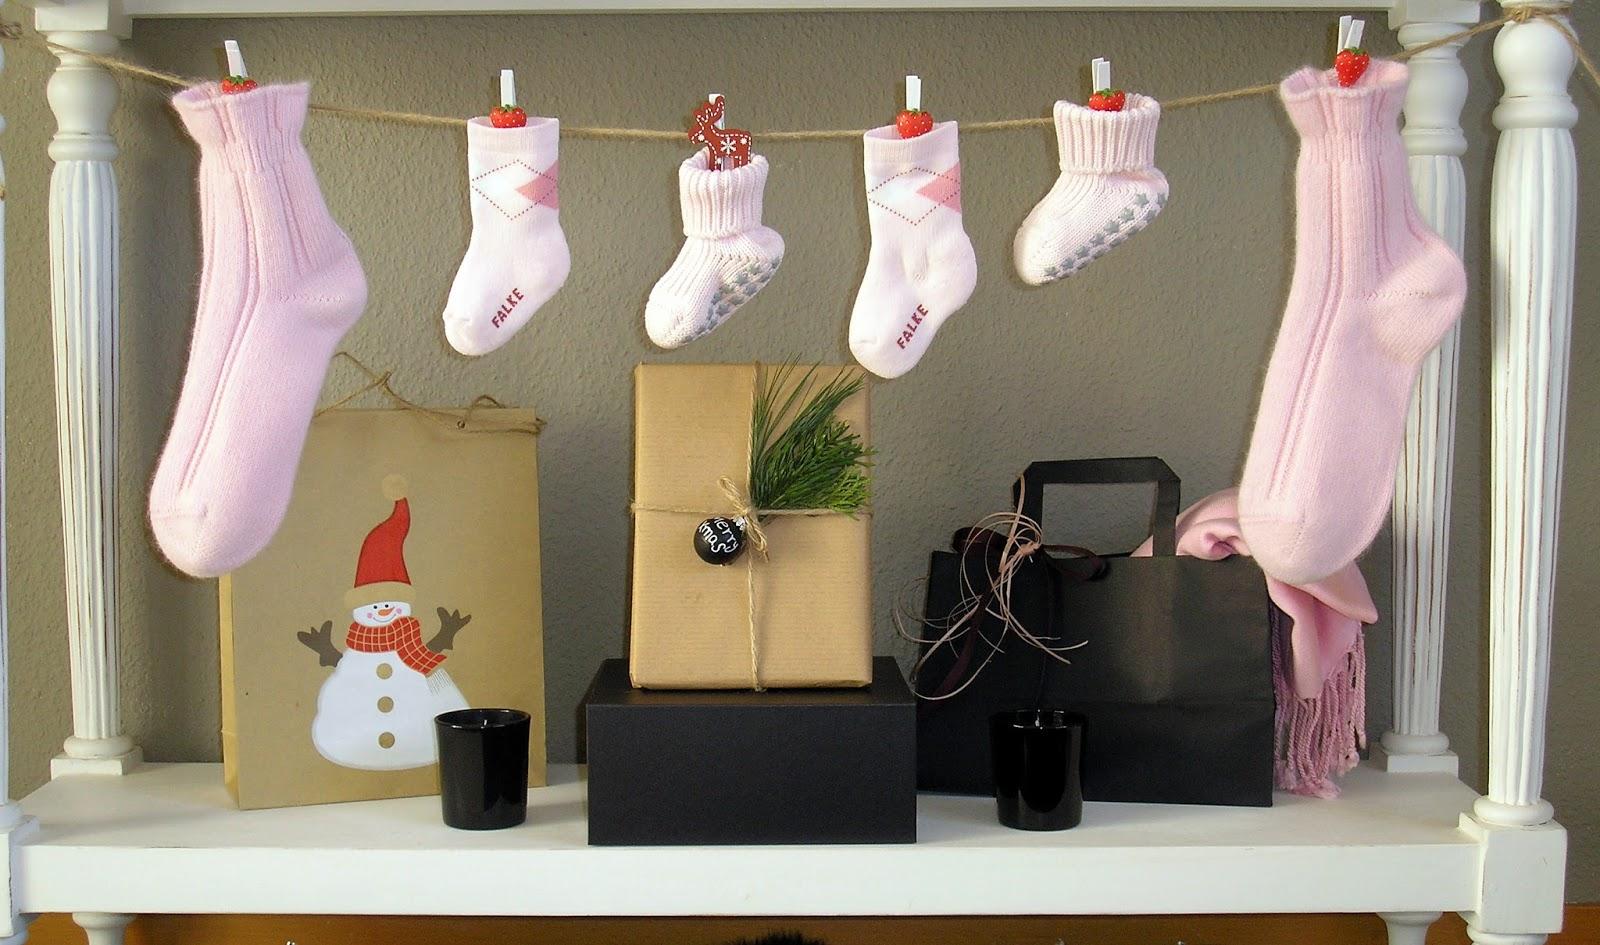 Socks by Falke